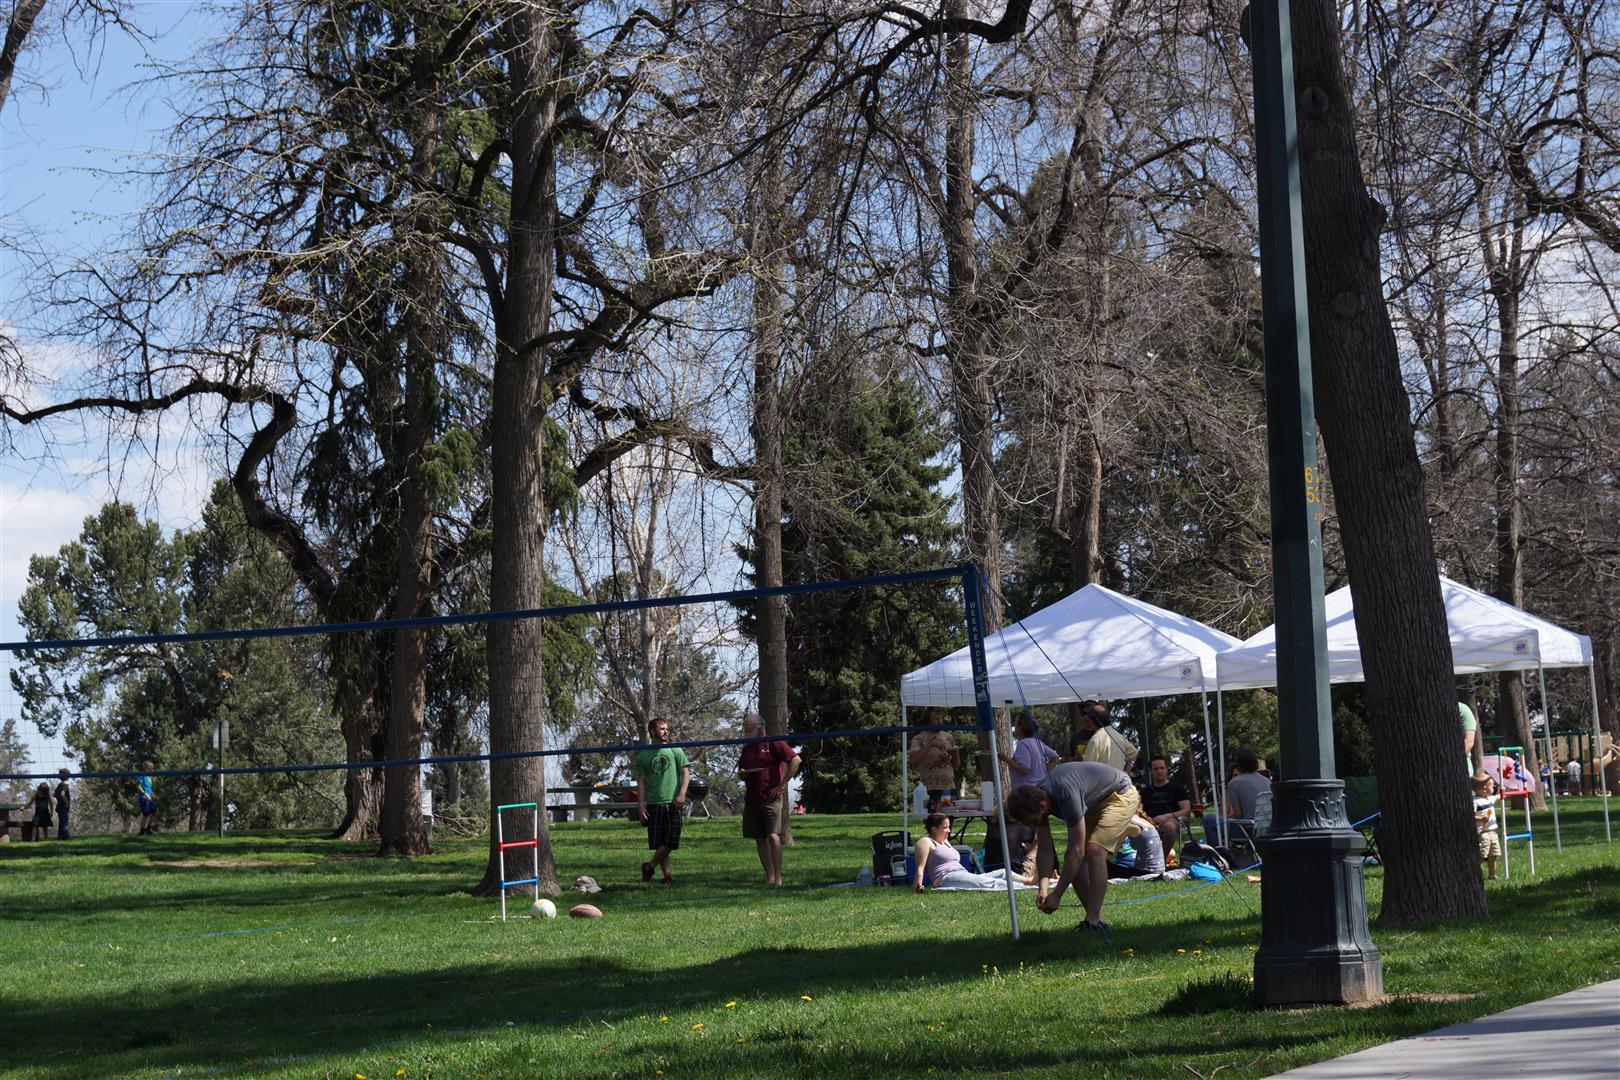 Am Nachmittag wurde dann noch im Park relaxt. Diese Gruppe hatte wirklich ALLES nur erdenkliche an Ausrüstung dabei. Man achte auf die Schnur zum Abstecken des Feldes!